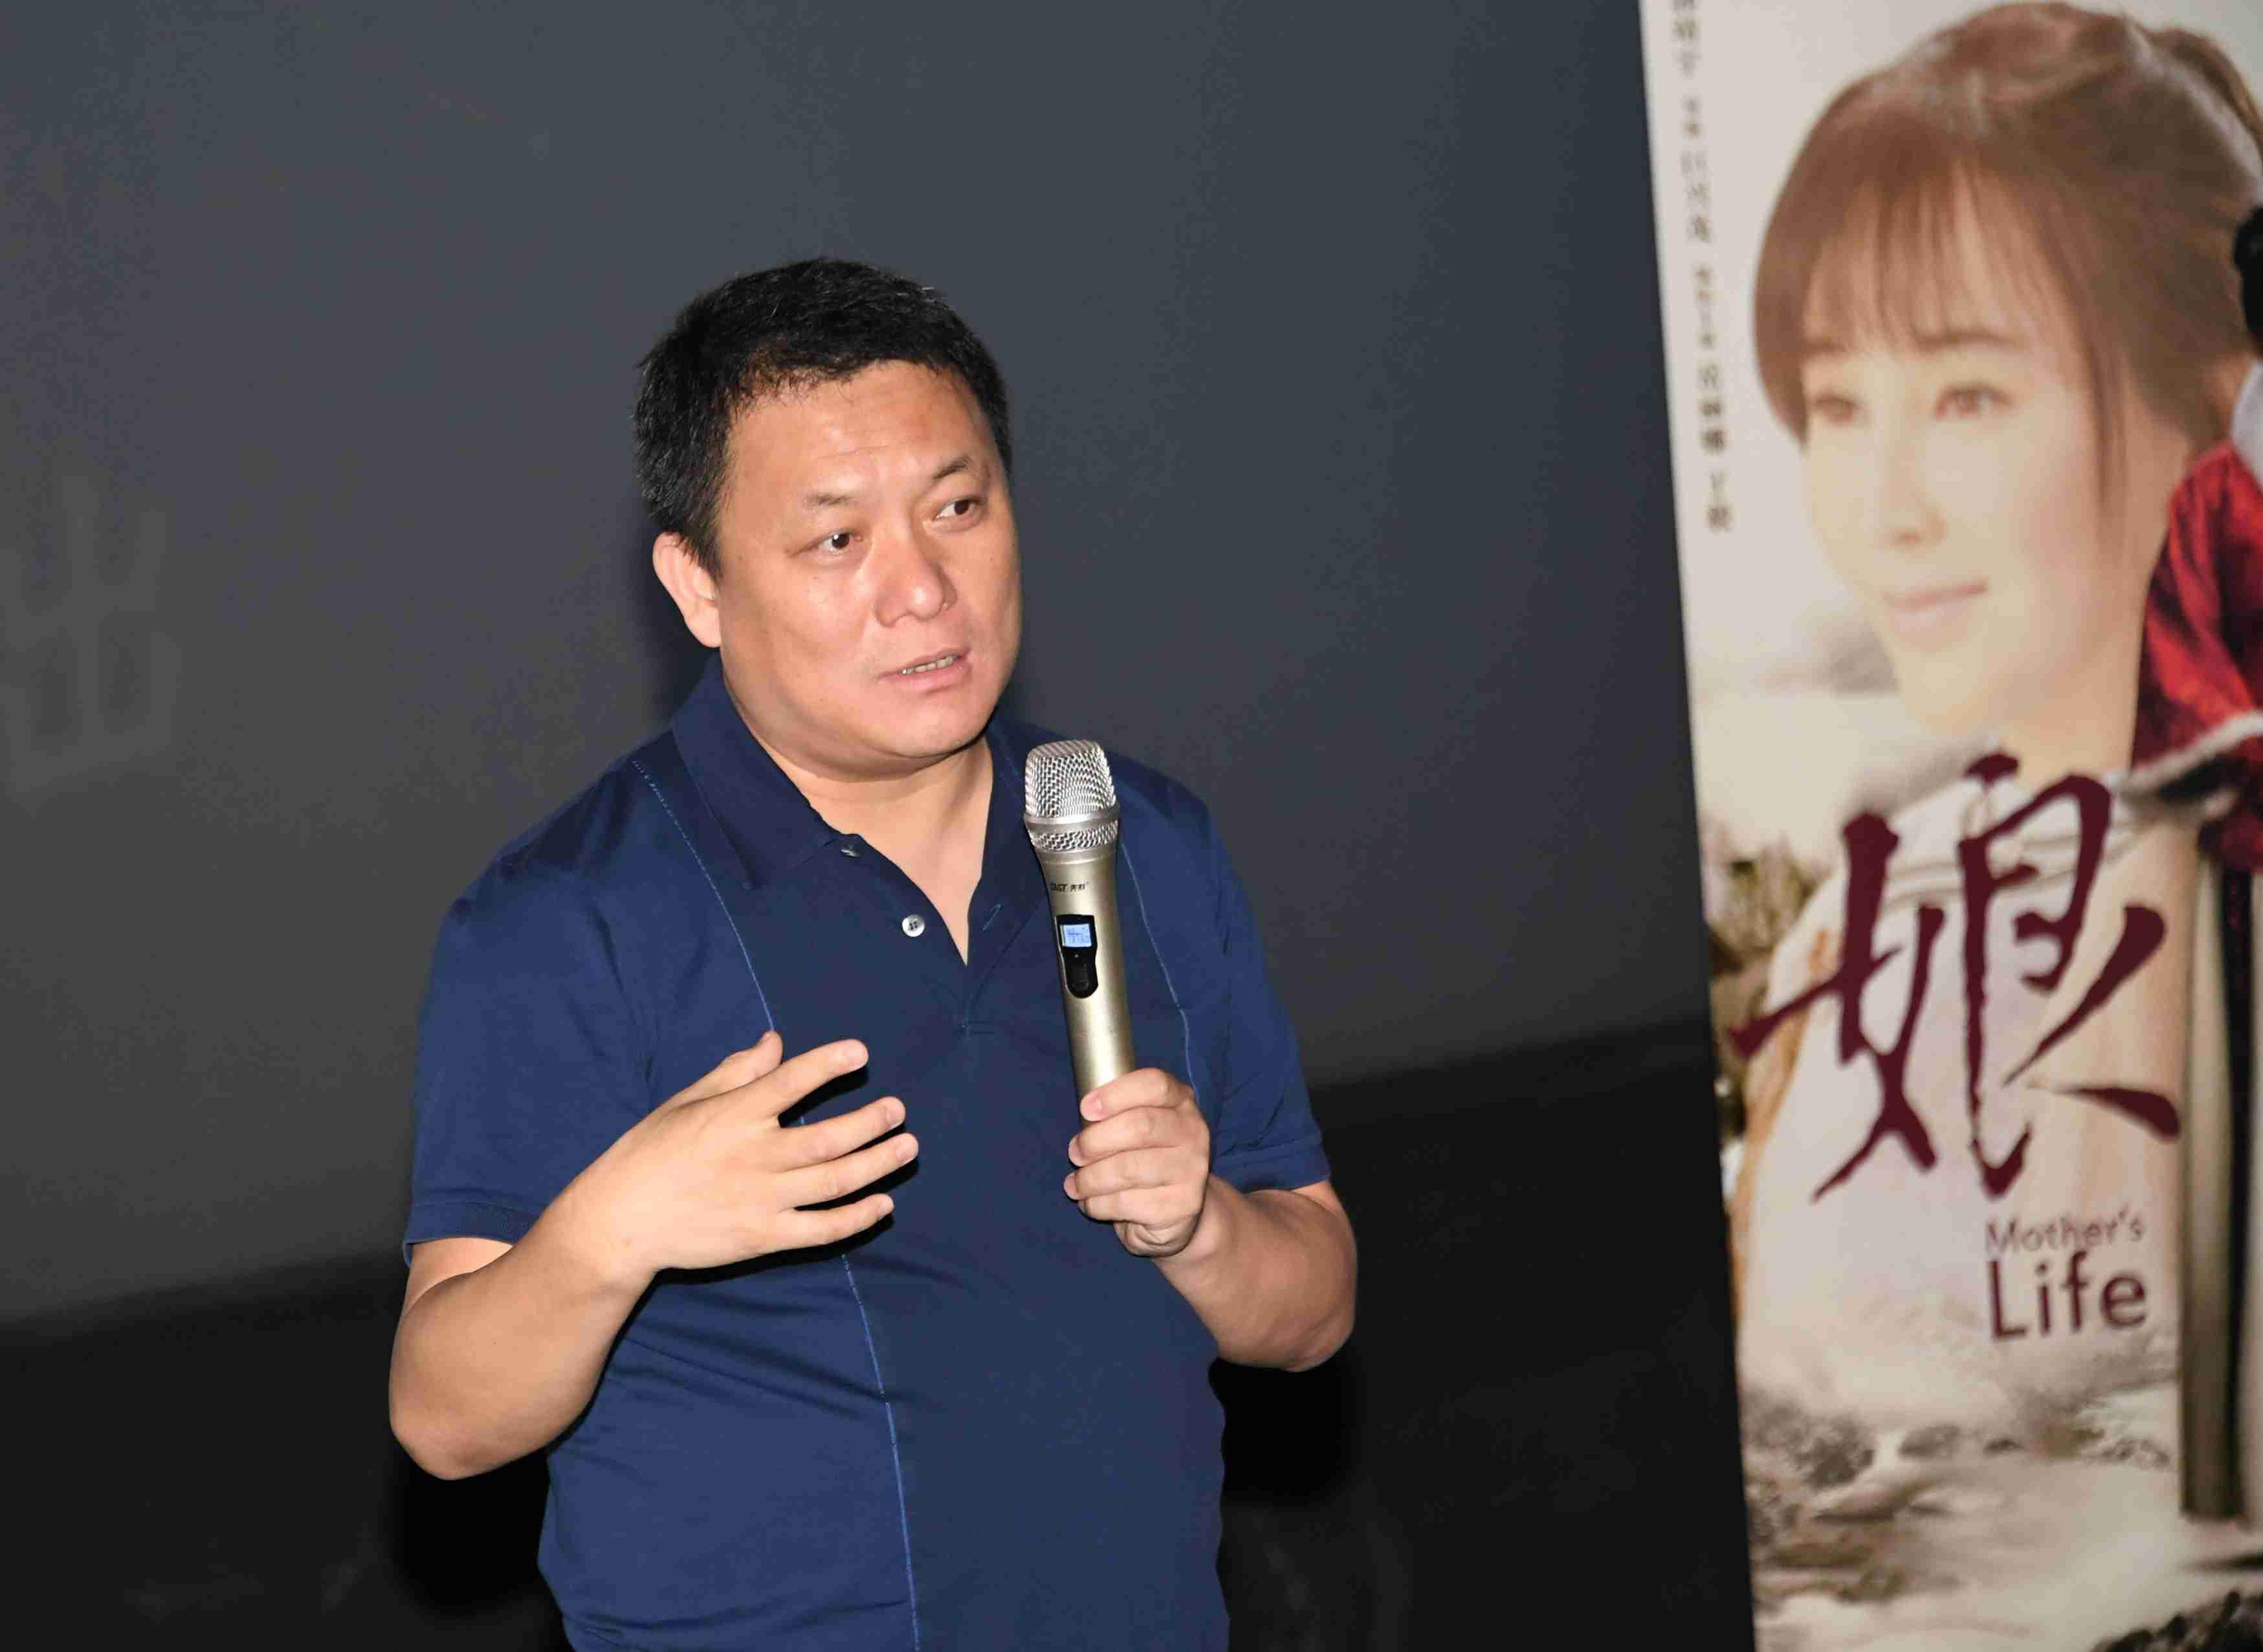 江苏卫视传奇大剧《娘道》发布会在京举行 郭靖宇打造母爱史诗传奇